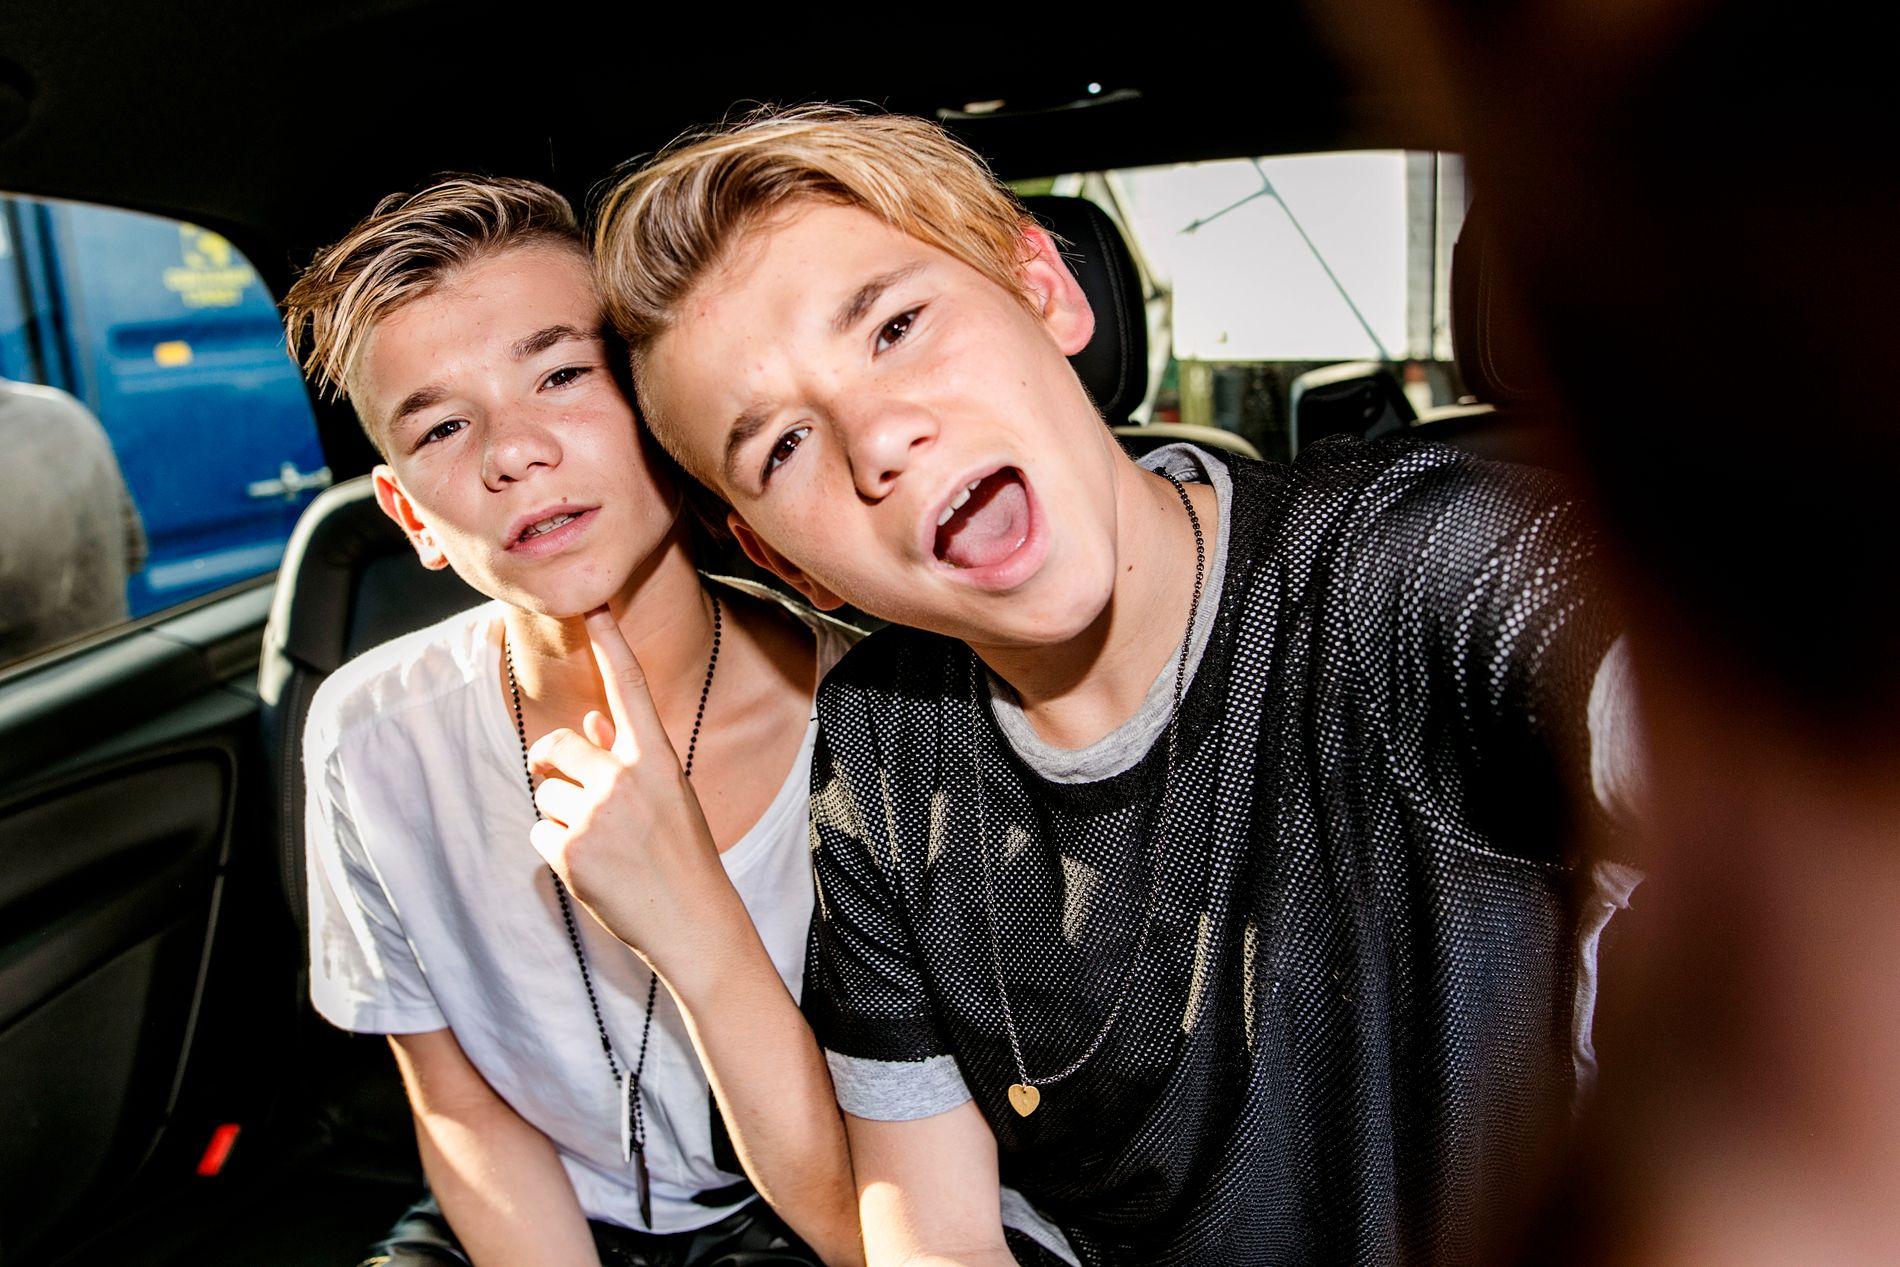 KLAR FOR FREDSPRISEN: De to norske 14-årige tvillingene Marcus og Martinus Gunnarsen skal opptre på Fredspriskonserten 11. desember.